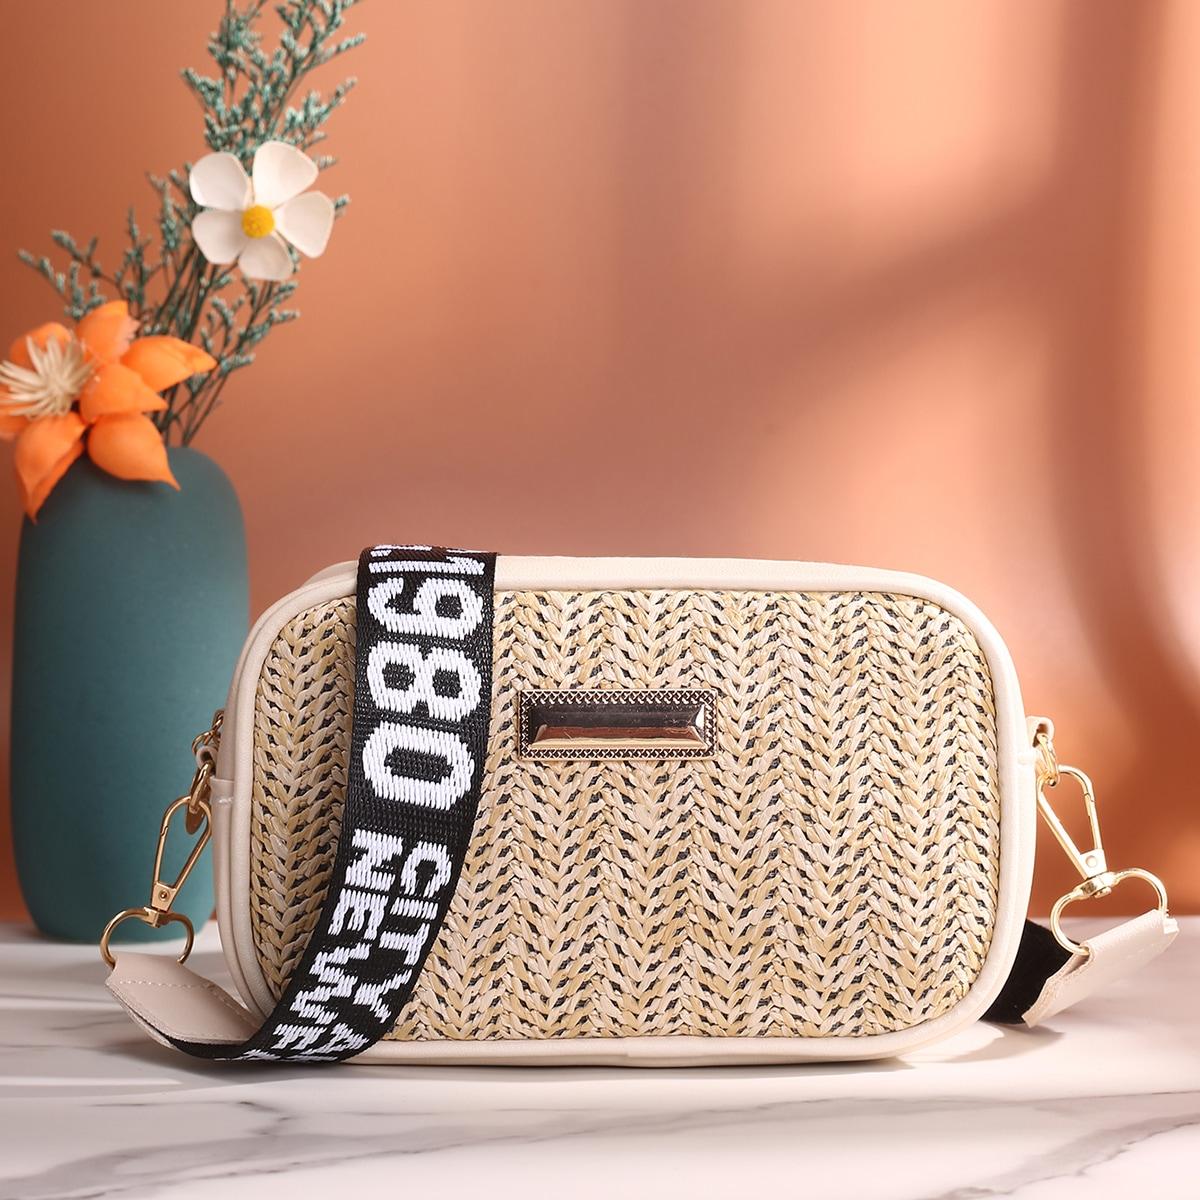 Соломенная сумка с металлическим декором